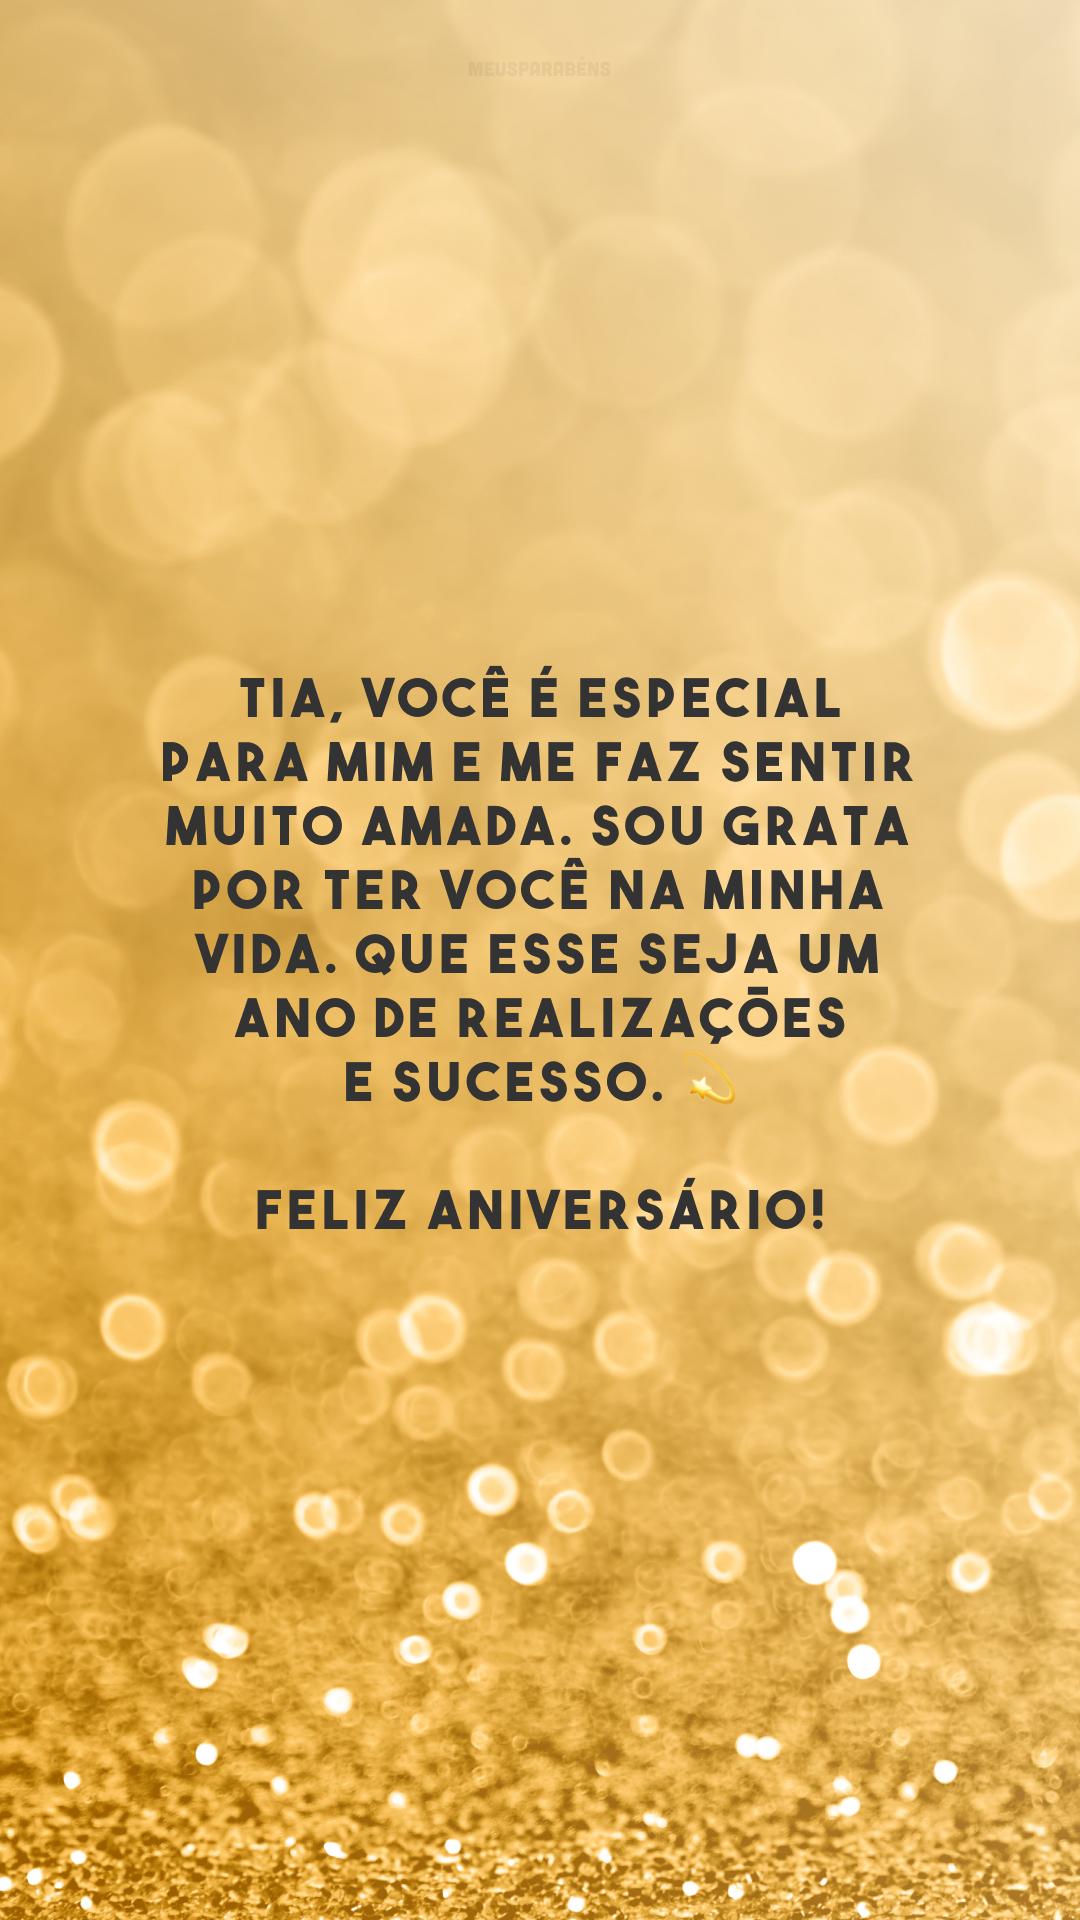 Tia, você é especial para mim e me faz sentir muito amada. Sou grata por ter você na minha vida. Que esse seja um ano de realizações e sucesso. 💫 Feliz aniversário!